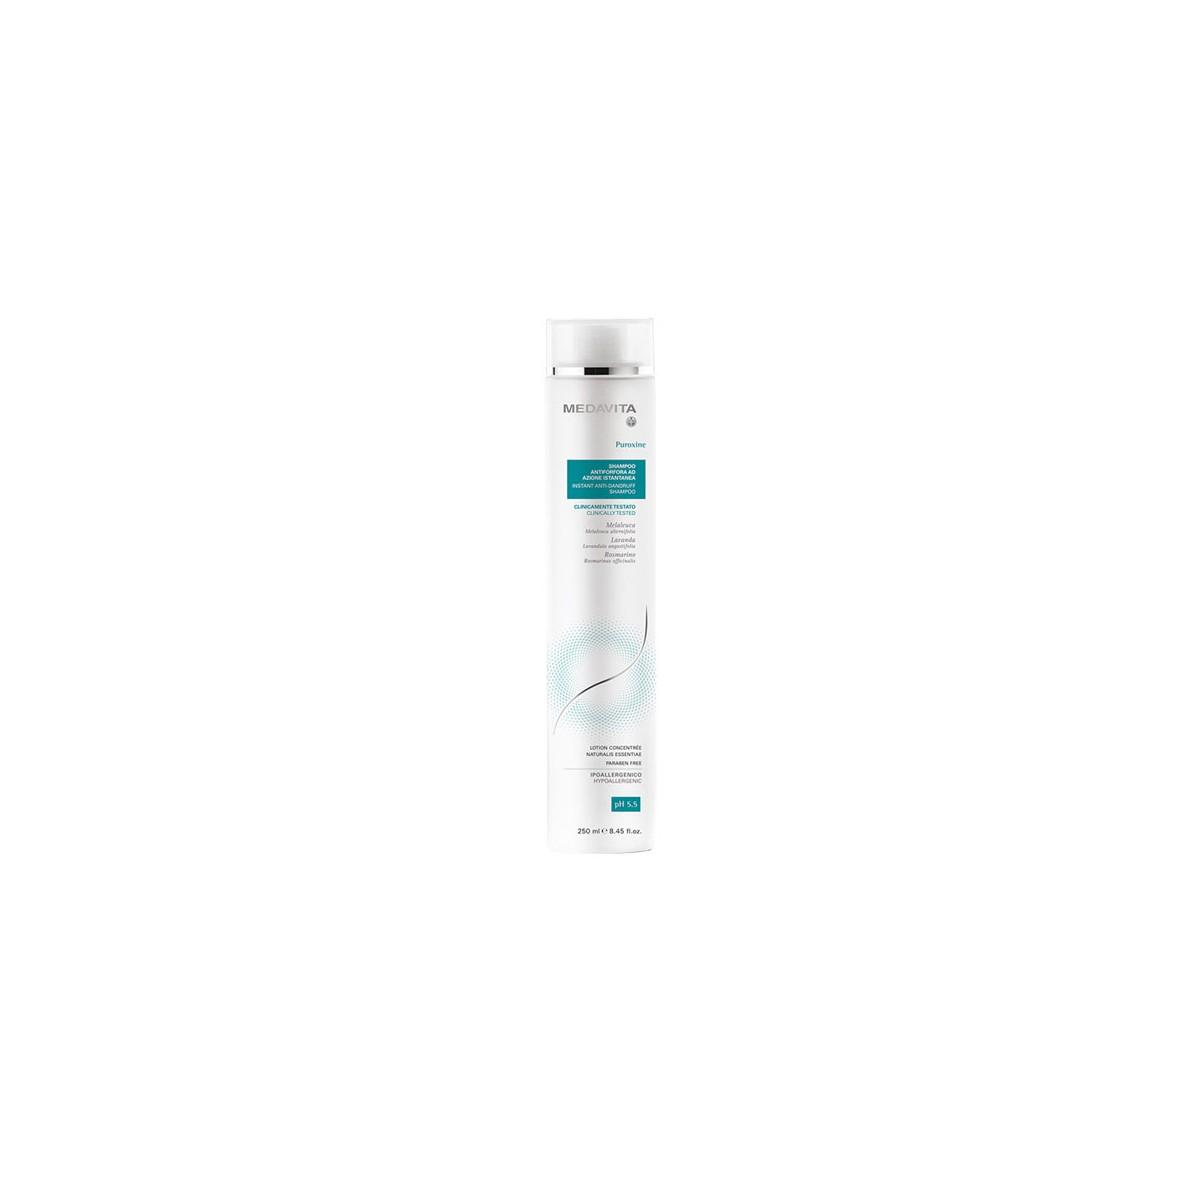 MEDAVITA Puroxine Shampoo Instant Anti-Dandruff 250ml - Szampon do włosów przeciwłupieżowy natychmiastowy efekt